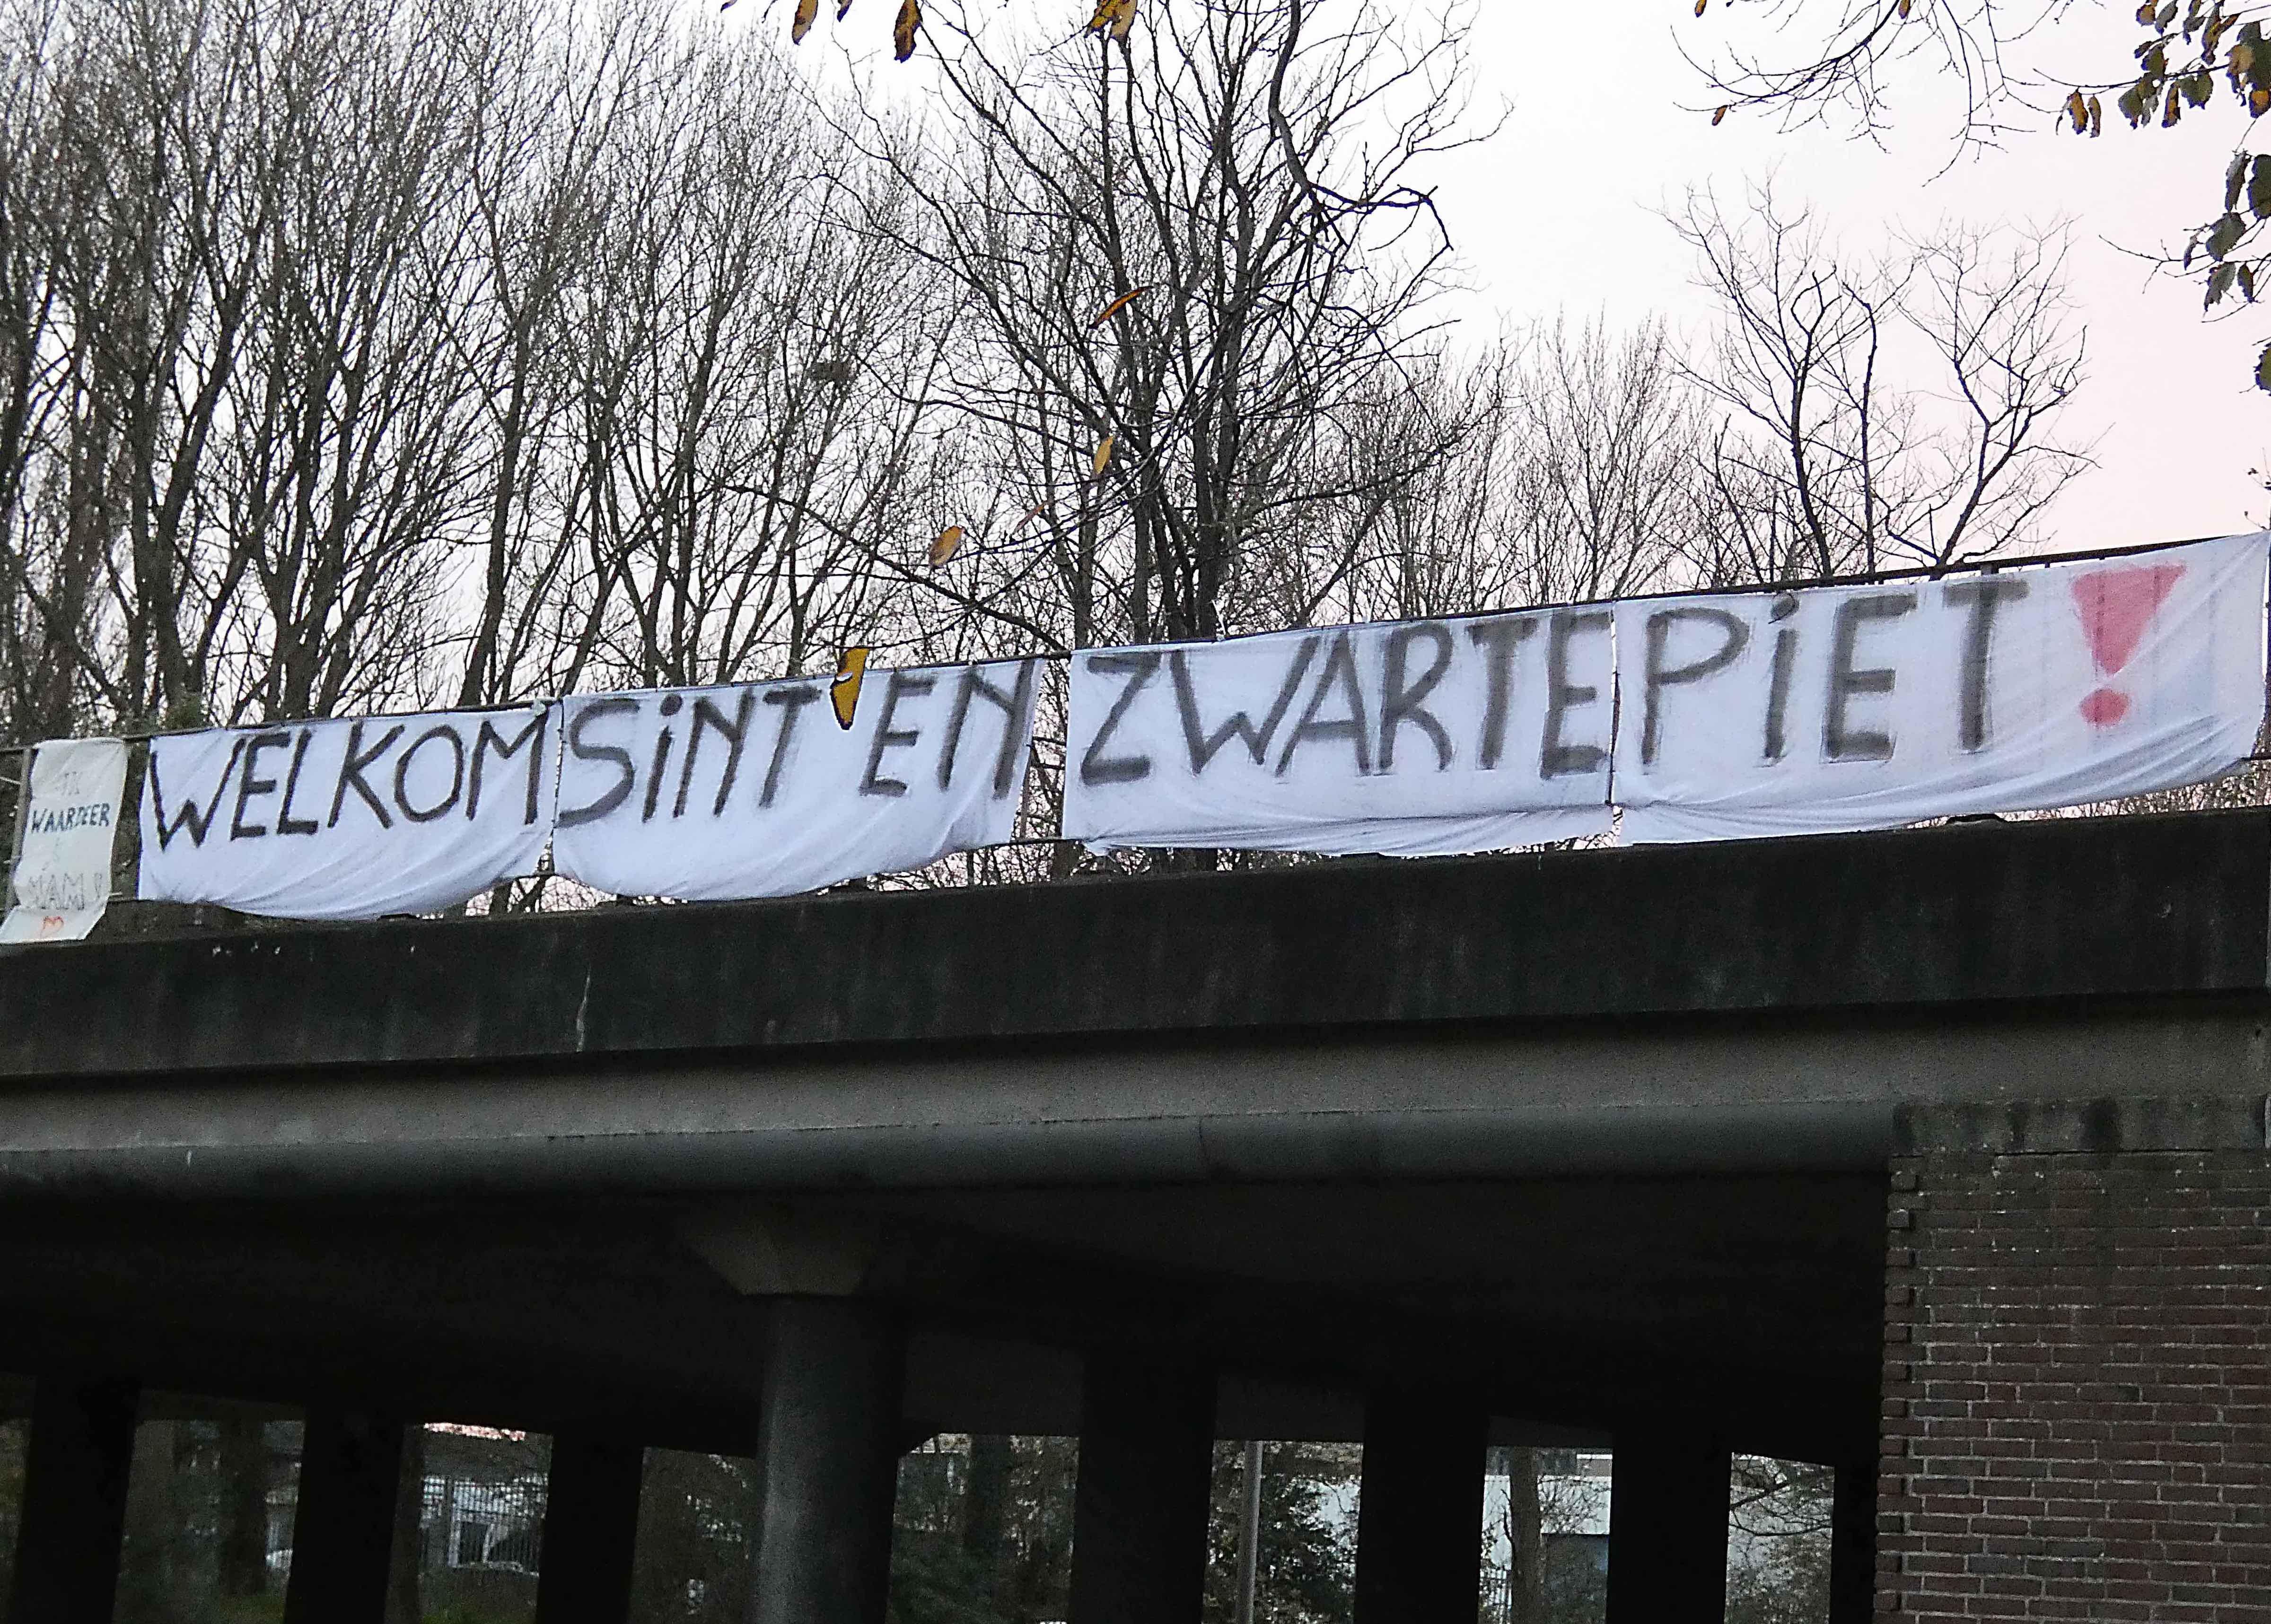 Zwarte Pieten Actiegroep hangt spandoek op viaduct IJmuiden: 'Welkom Sint en Zwarte Piet', woordje 'Zwarte' even weggehaald